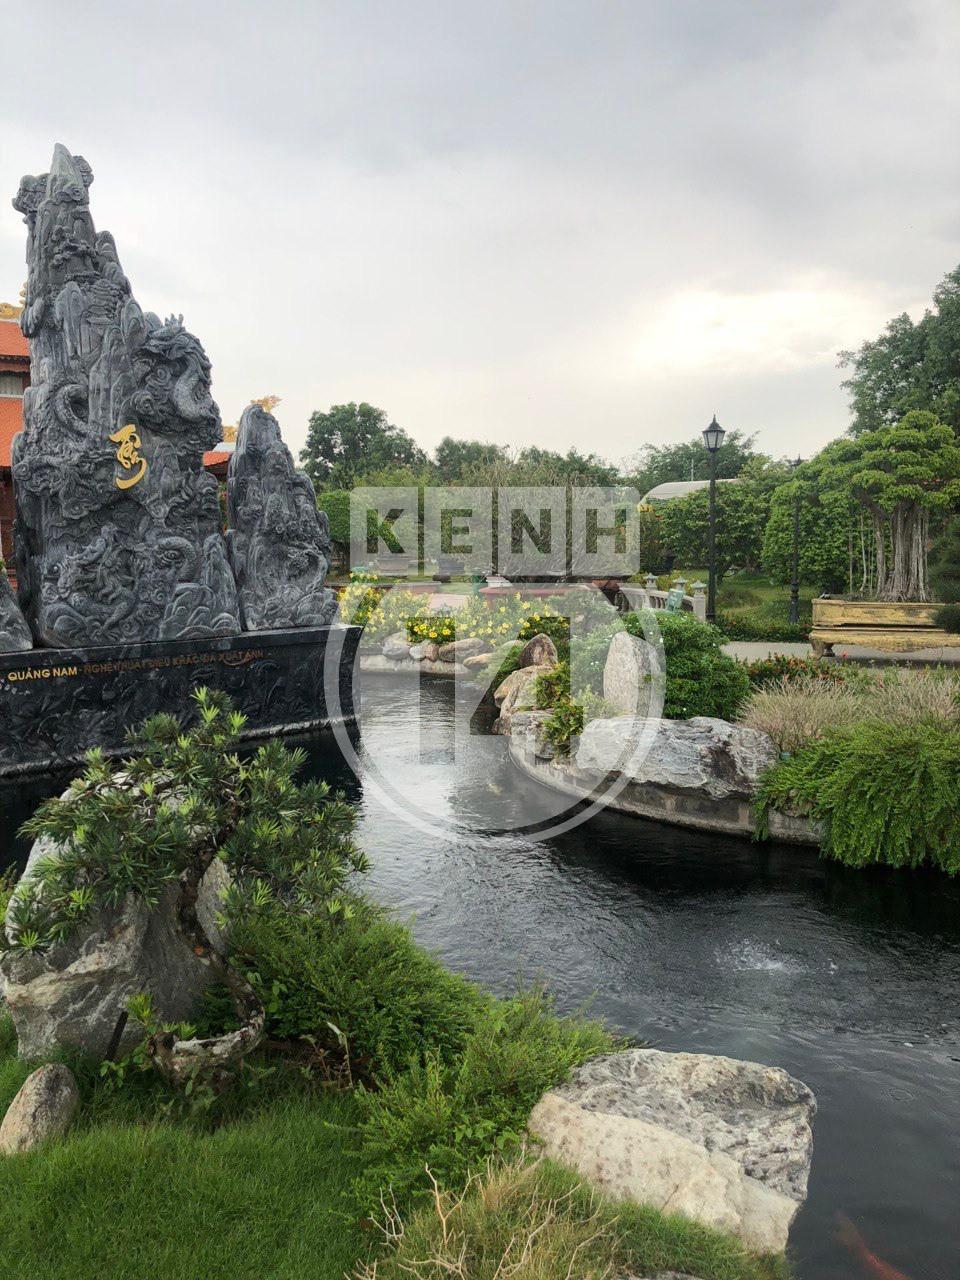 Về thăm Đền thờ Tổ nghiệp của NS Hoài Linh sau loạt lùm xùm từ thiện: Camera bố trí dày đặc, hàng xóm kể không bao giờ thấy mặt - Ảnh 15.